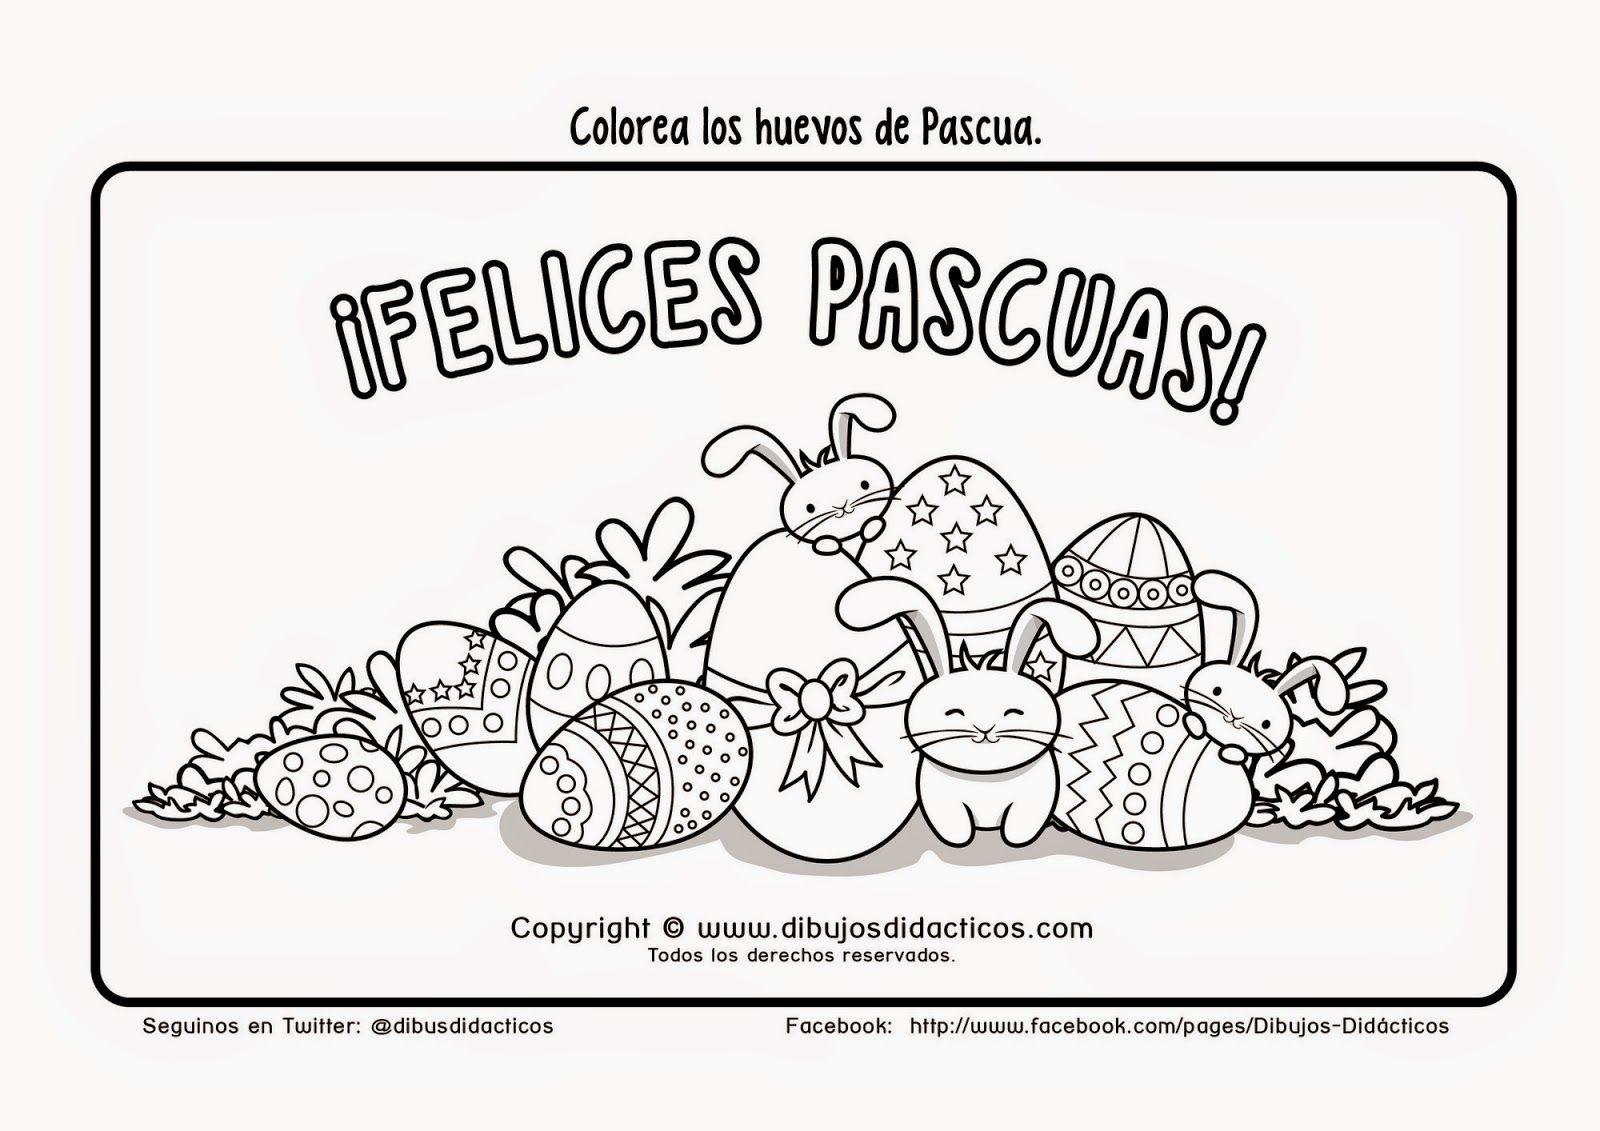 dibujos-didactios-para-colorear-pascua_4_20140410_1867557721.jpg ...